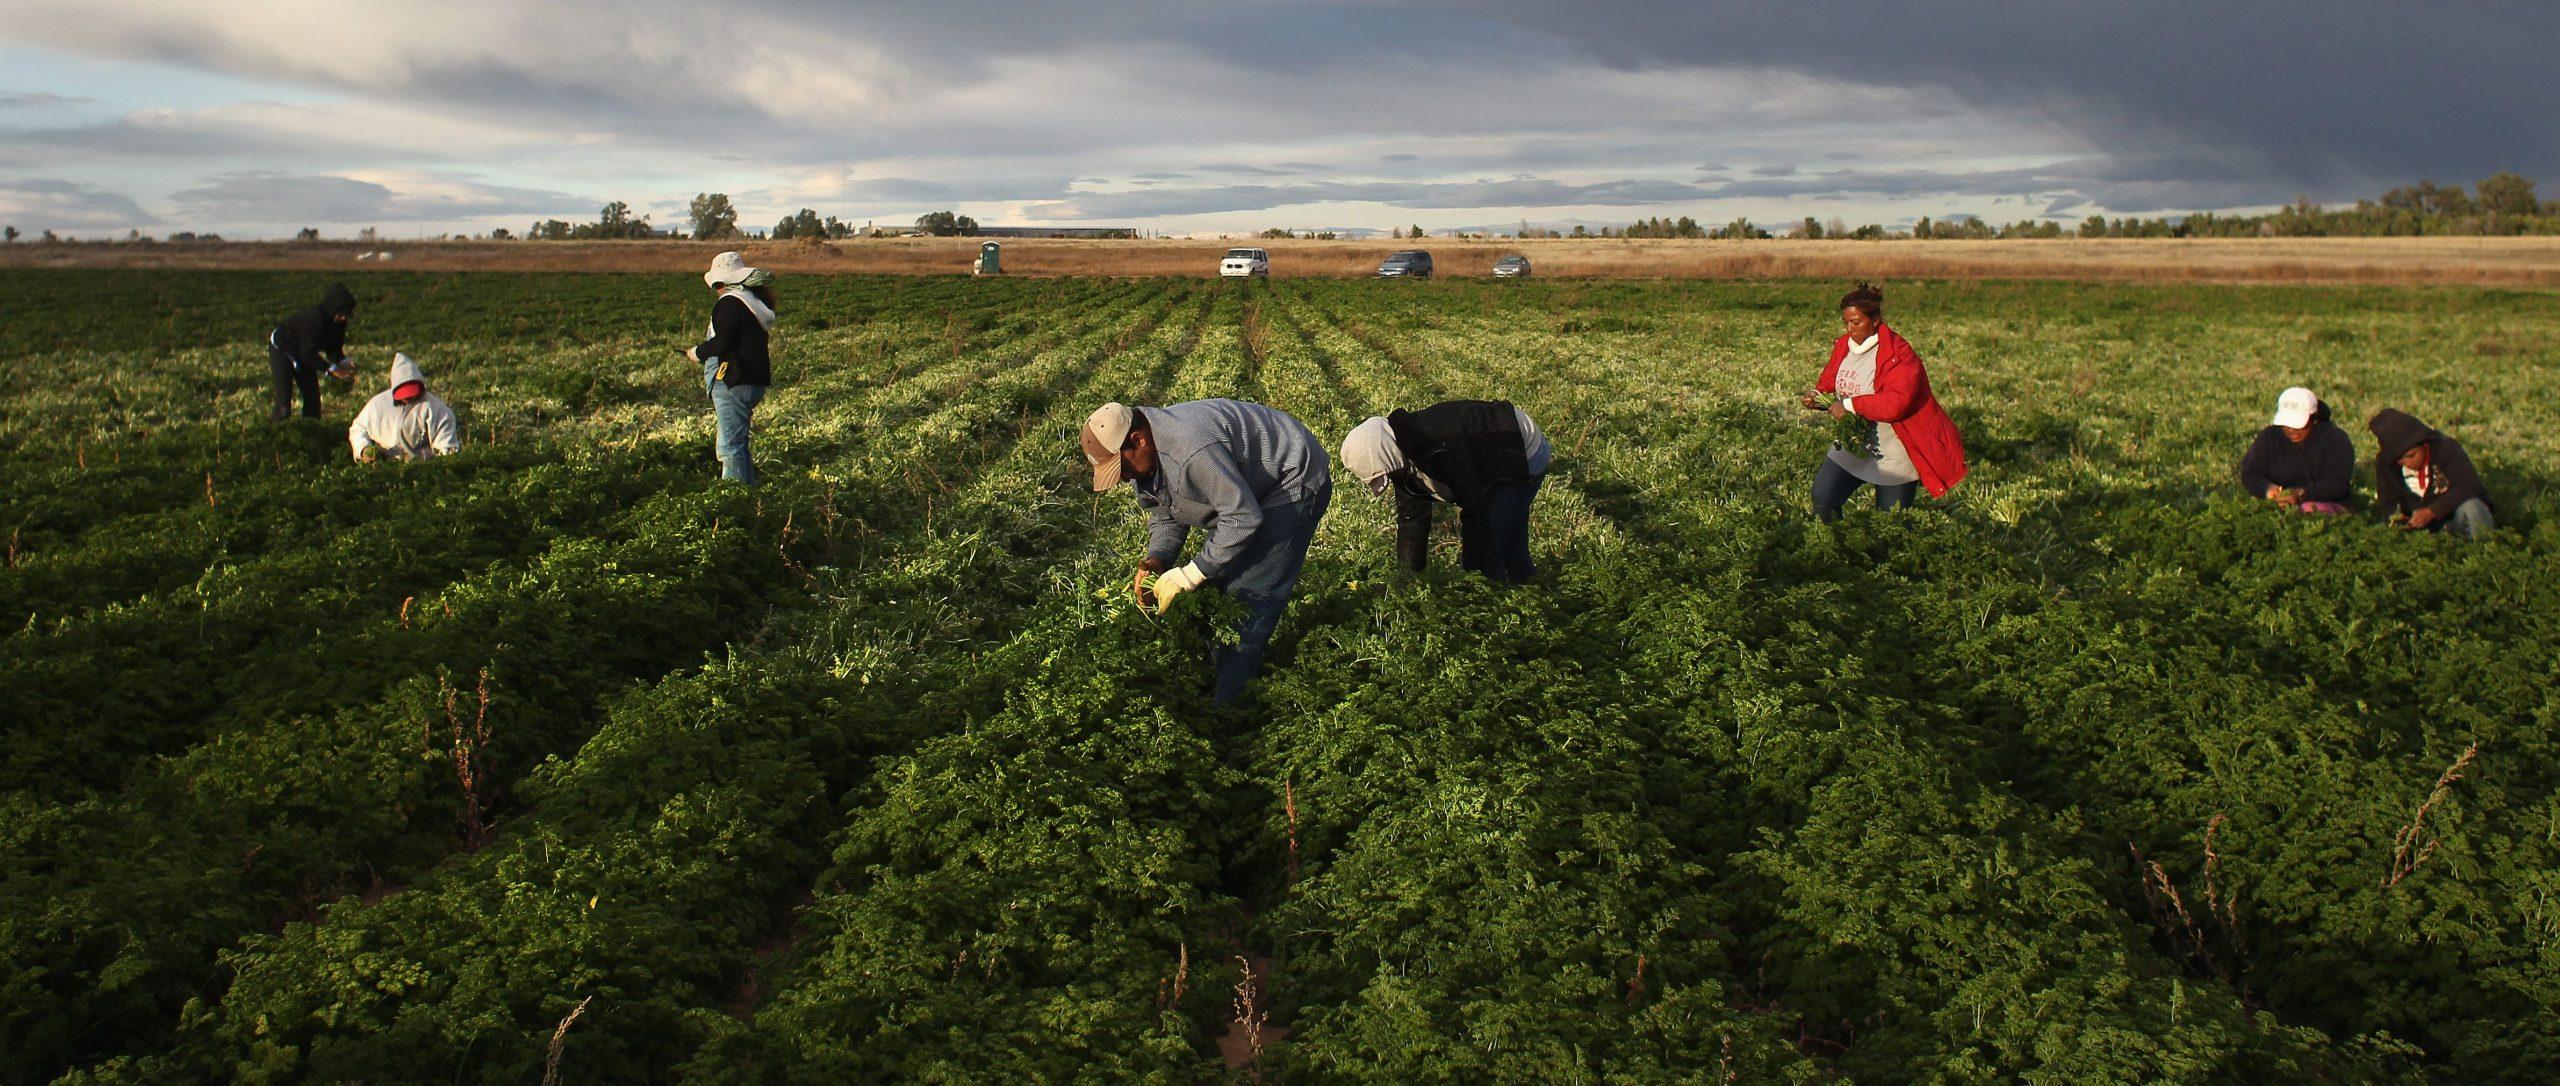 Delfino Madden   agriculture